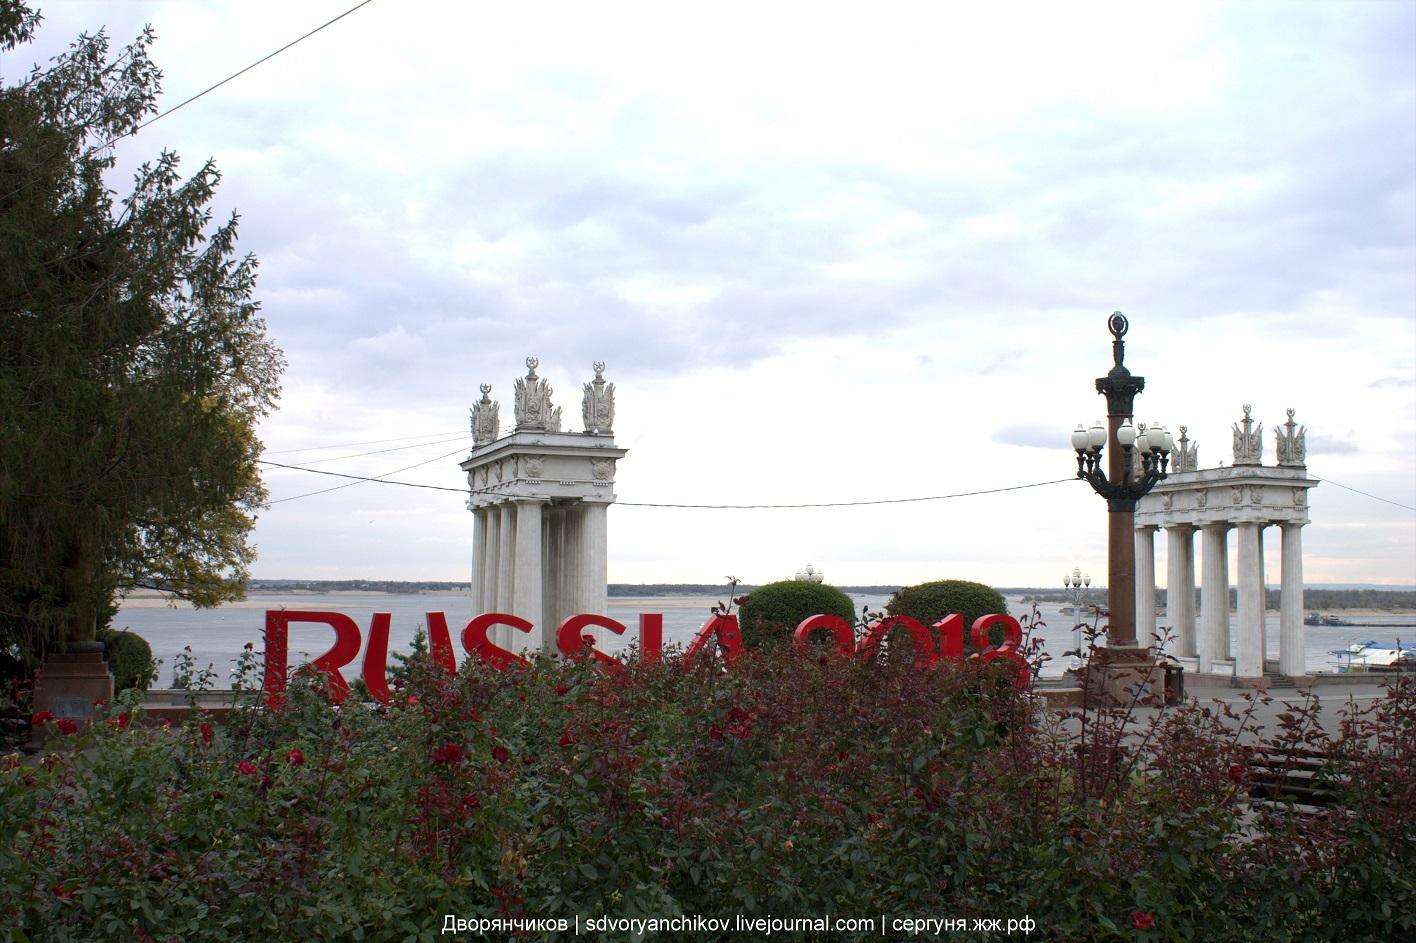 Волгоград - знак Russia 2018 - Центральная набережная